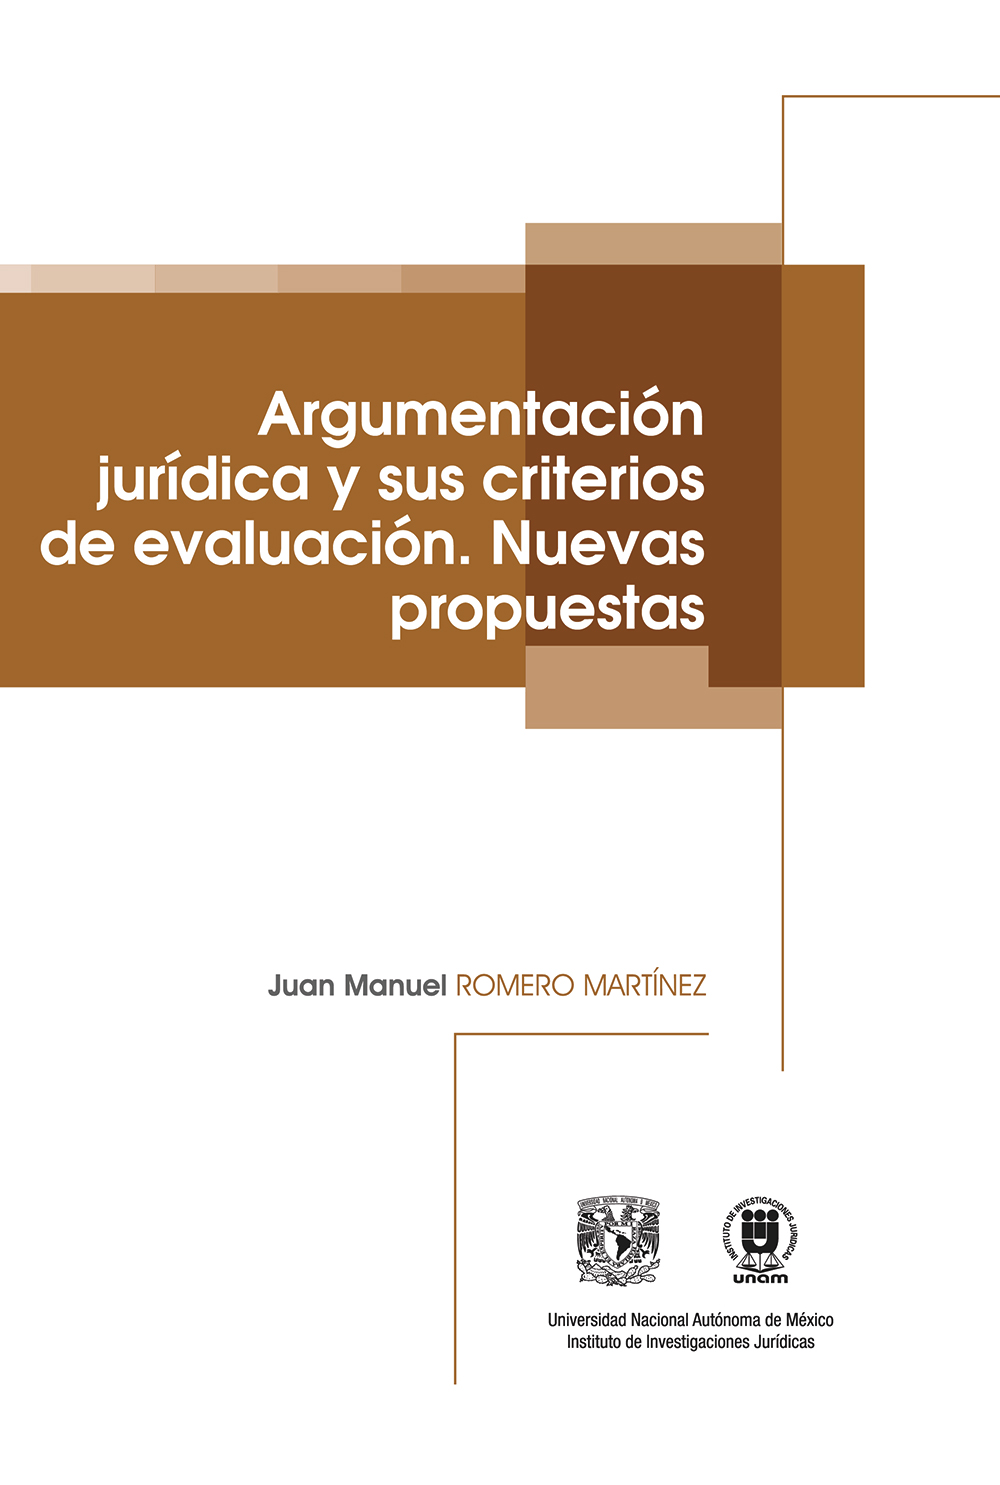 Argumentación jurídica y sus criterios de evaluación. Nuevas propuestas